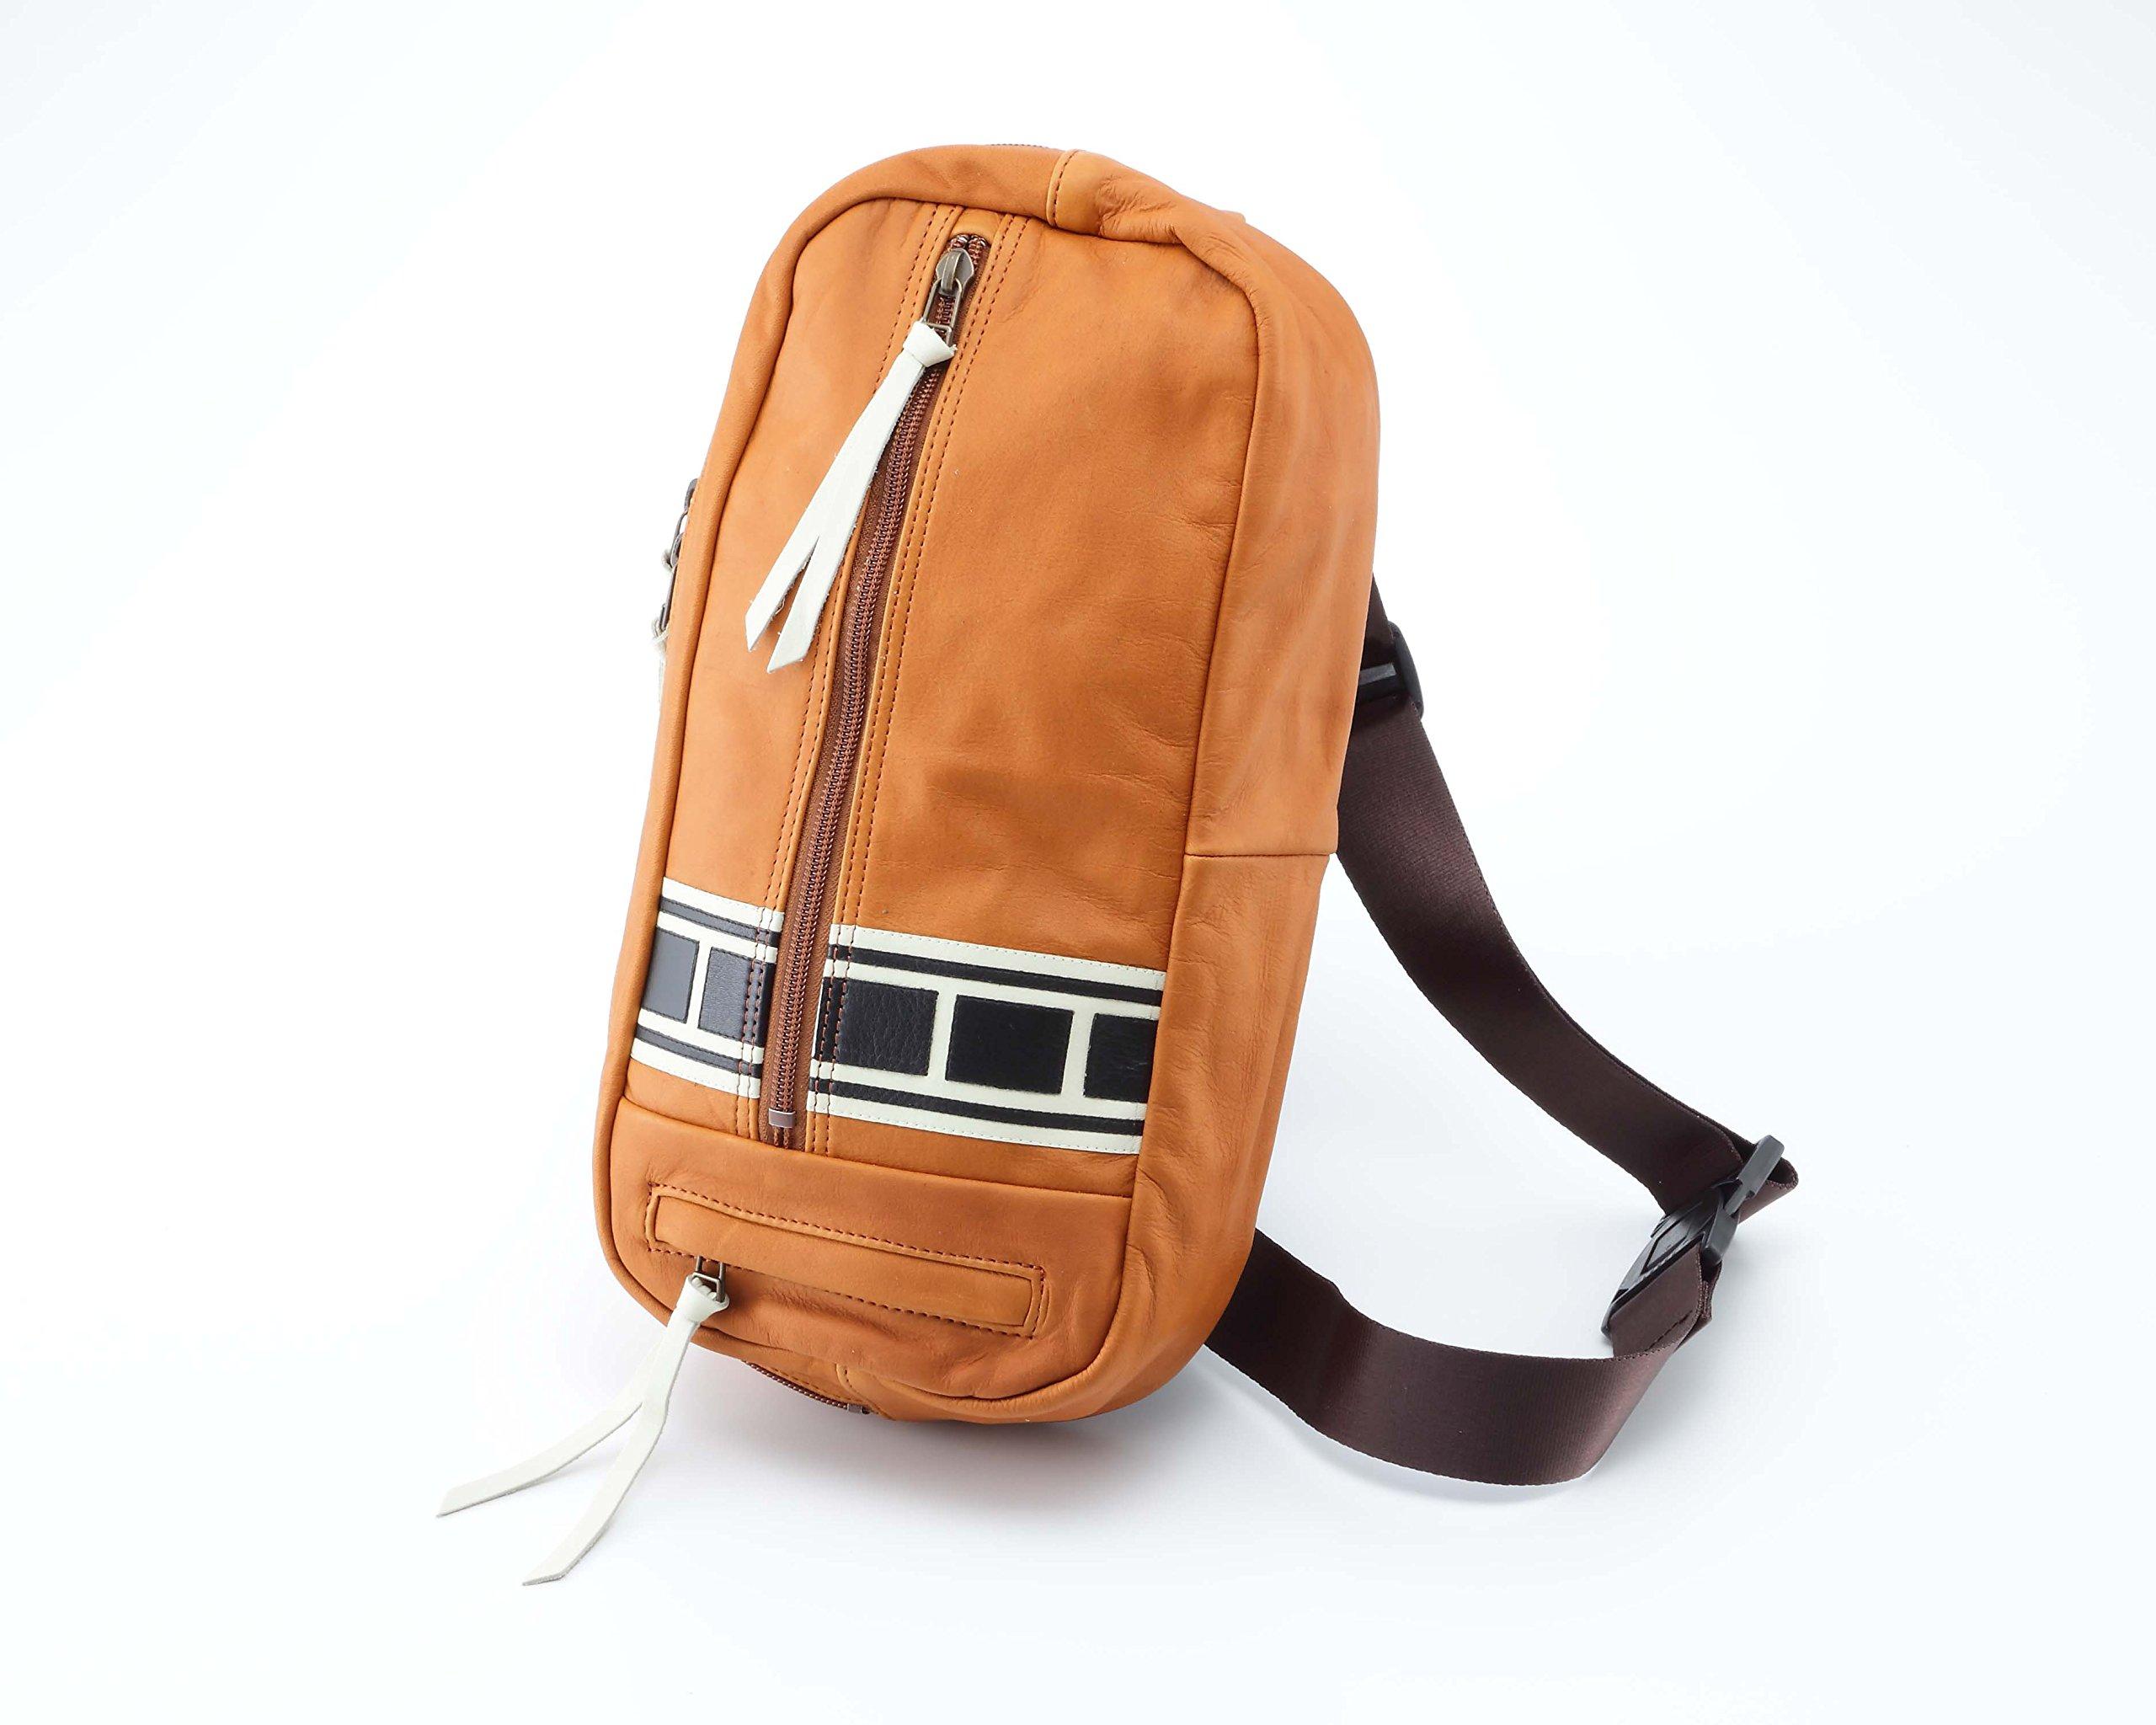 Yamaha Vintage strobe graphics 2WAY leather bag One Shoulder Square type leather 90792-V0010